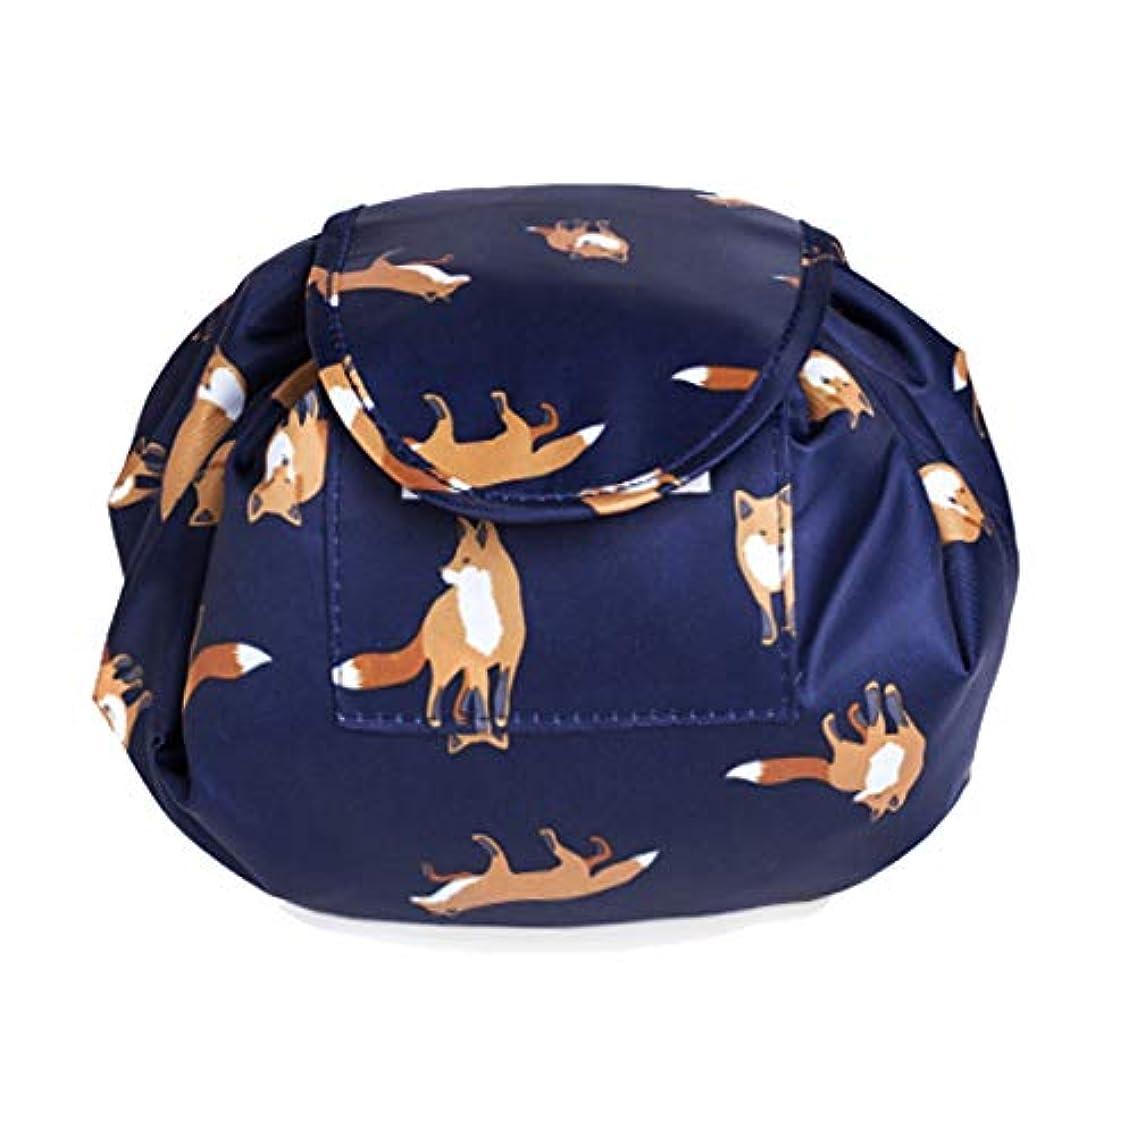 格納拡散するインデックス大容量 レイジーメイクアップトイレタリーバッグ 引きひも ポータブル 旅行 カジュアル 防水 クイック 魔法 化粧品収納バッグ 女性にぴったり (狐)